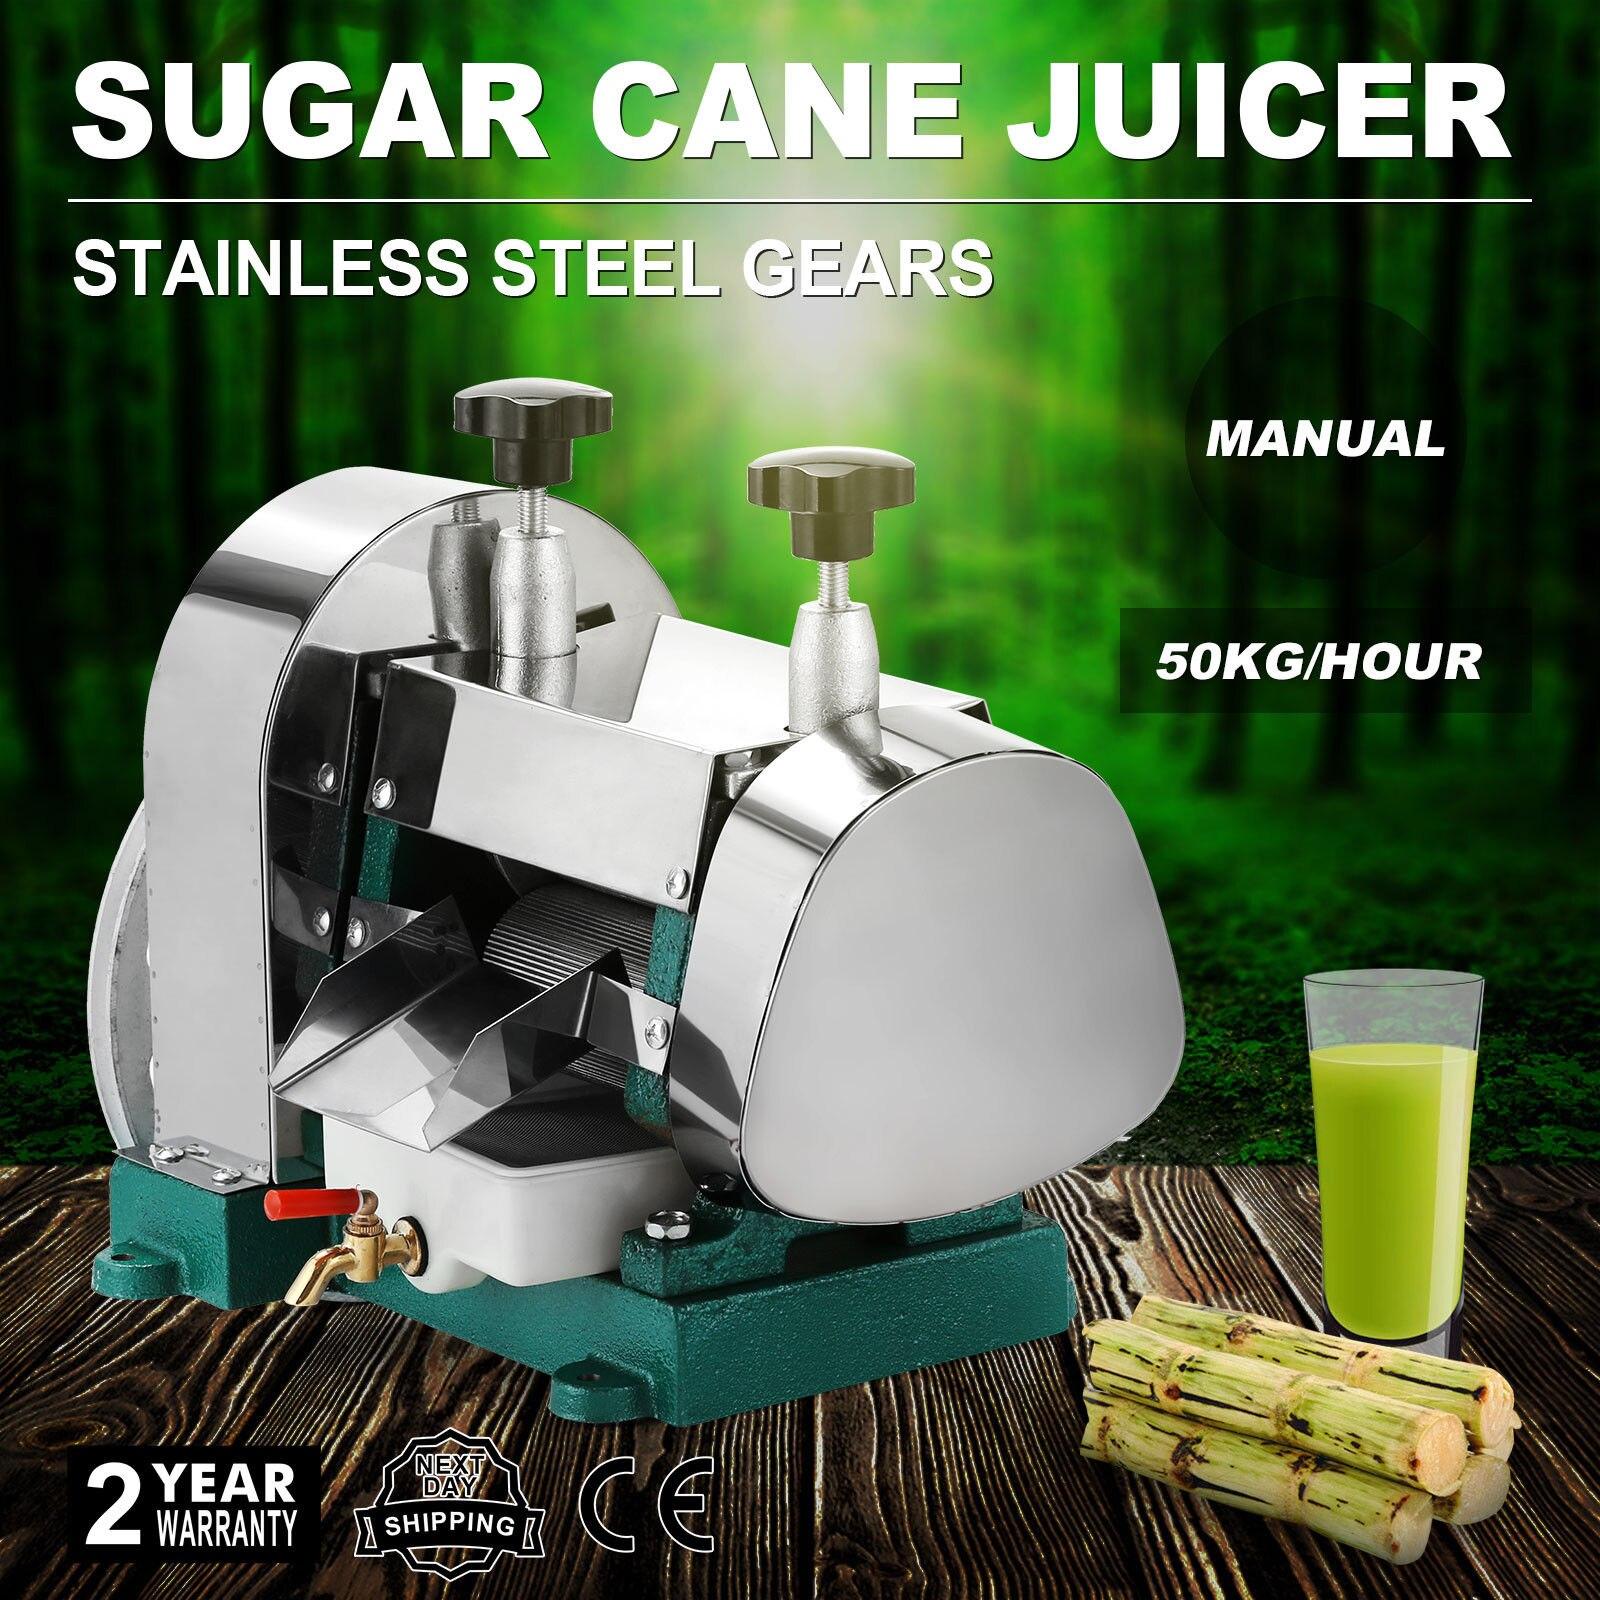 Canne à sucre presse-agrumes canne à sucre paille canne à sucre canne à sucre chargeur de canne à sucre jus de canne à sucre brut canne à sucre bagasse papier